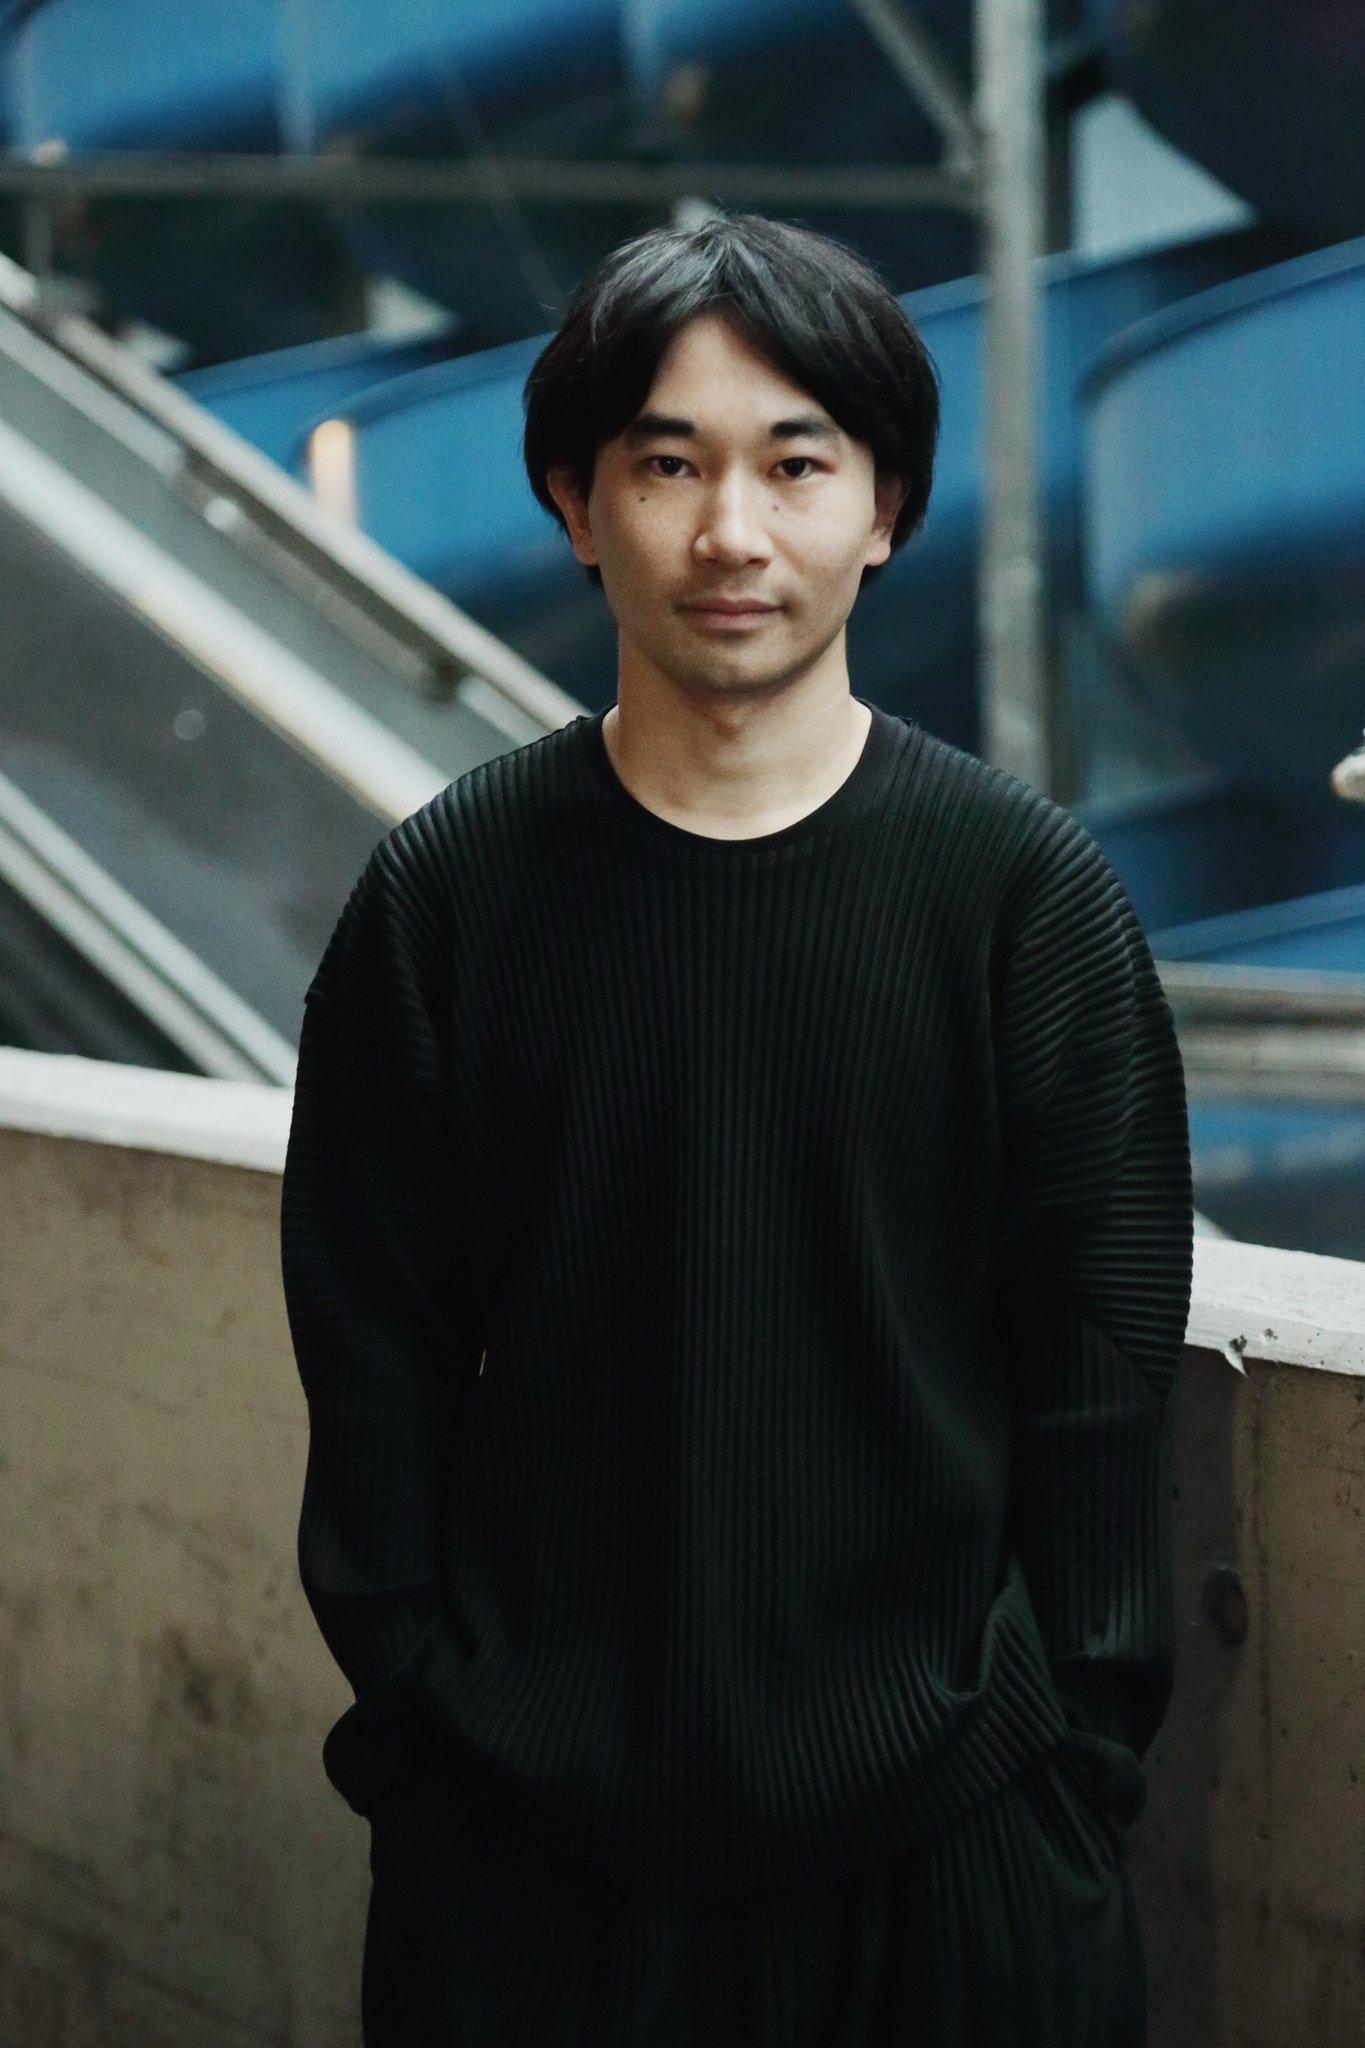 Photo by Mao Yamamoto